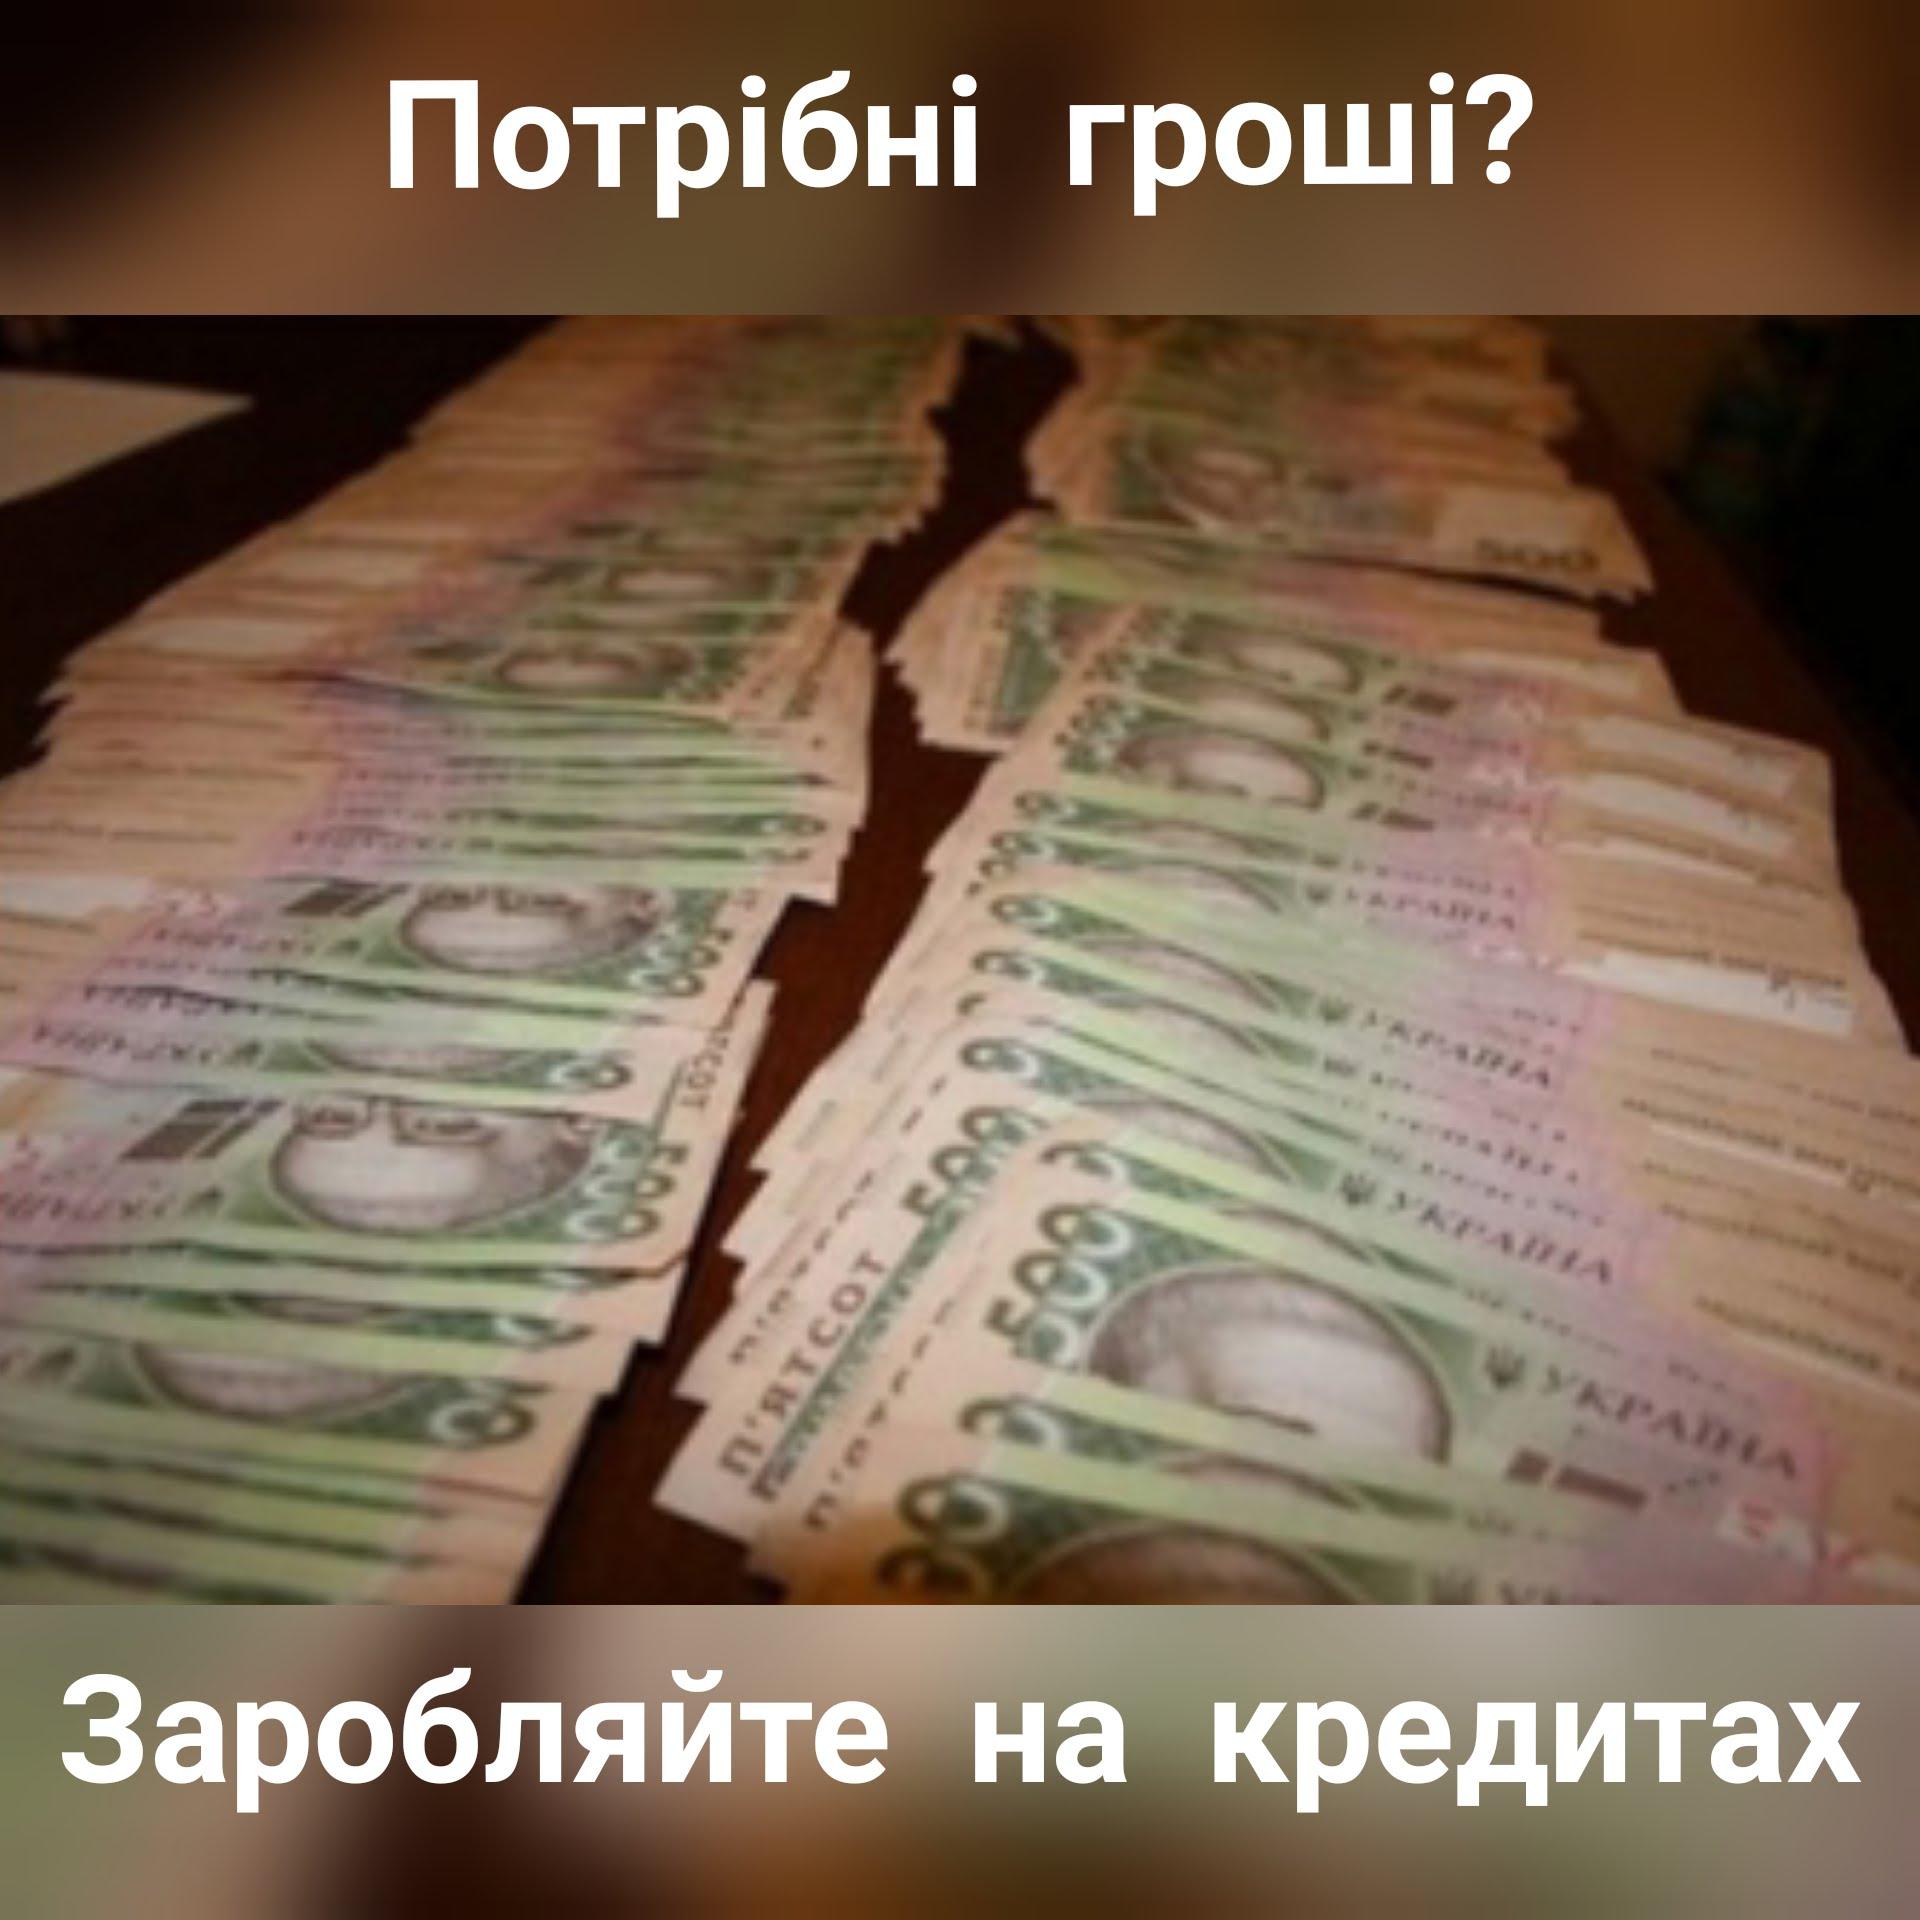 Кредит, гроші, хеаглобе, заробіток